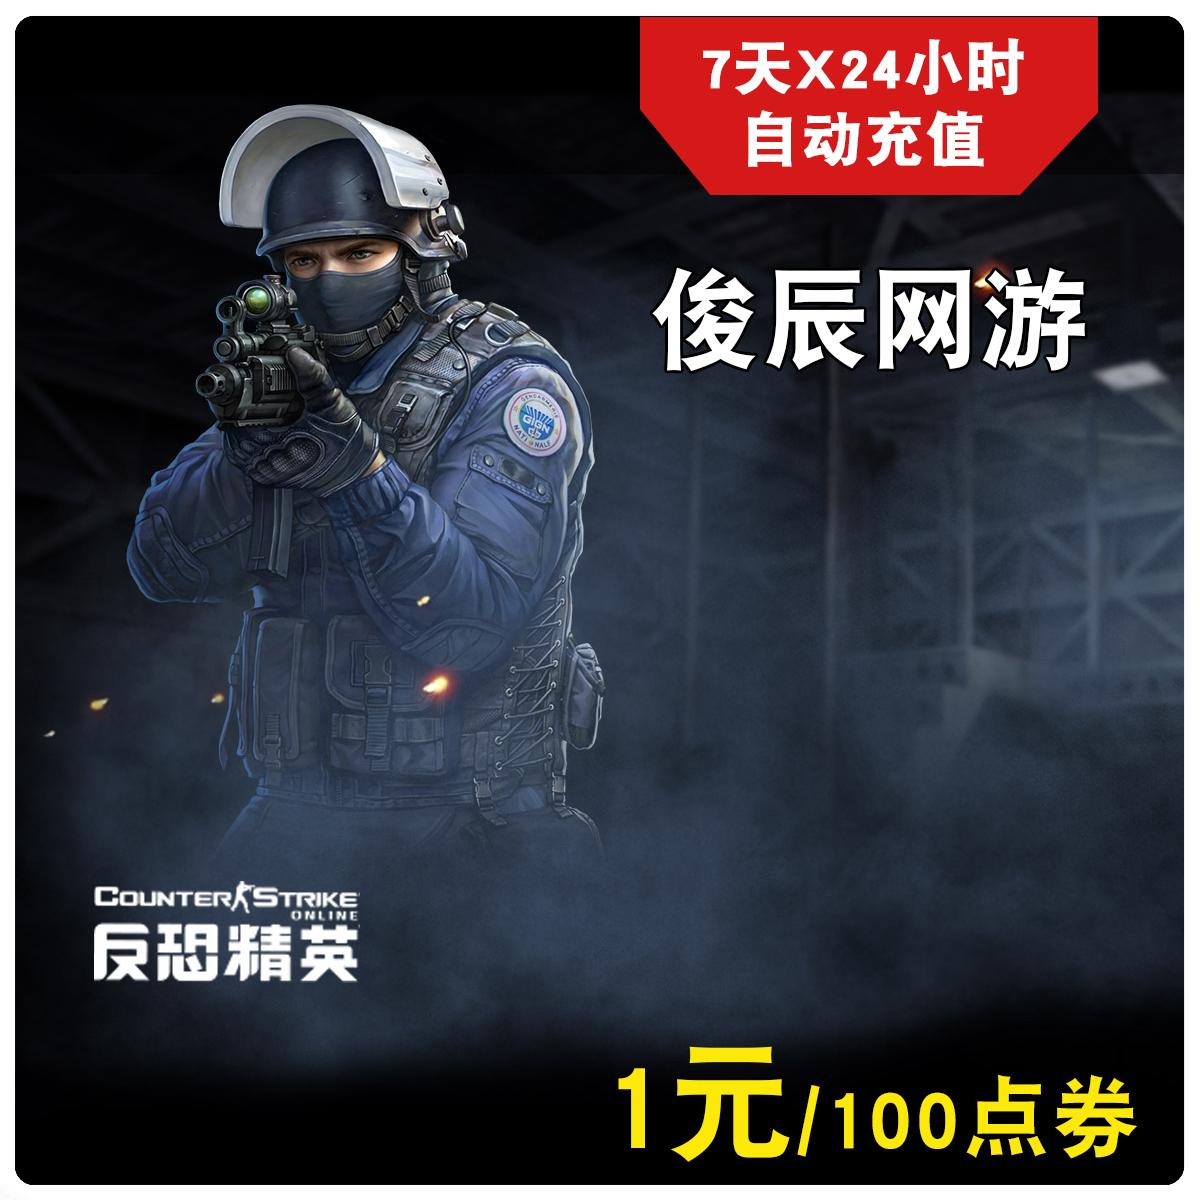 Thế kỷ Tiancheng chạy kart Counter-Strike OL card CSOL1 nhân dân tệ 10 điểm bóng rổ miễn phí bằng cách nạp tiền nhân dân tệ - Tín dụng trò chơi trực tuyến